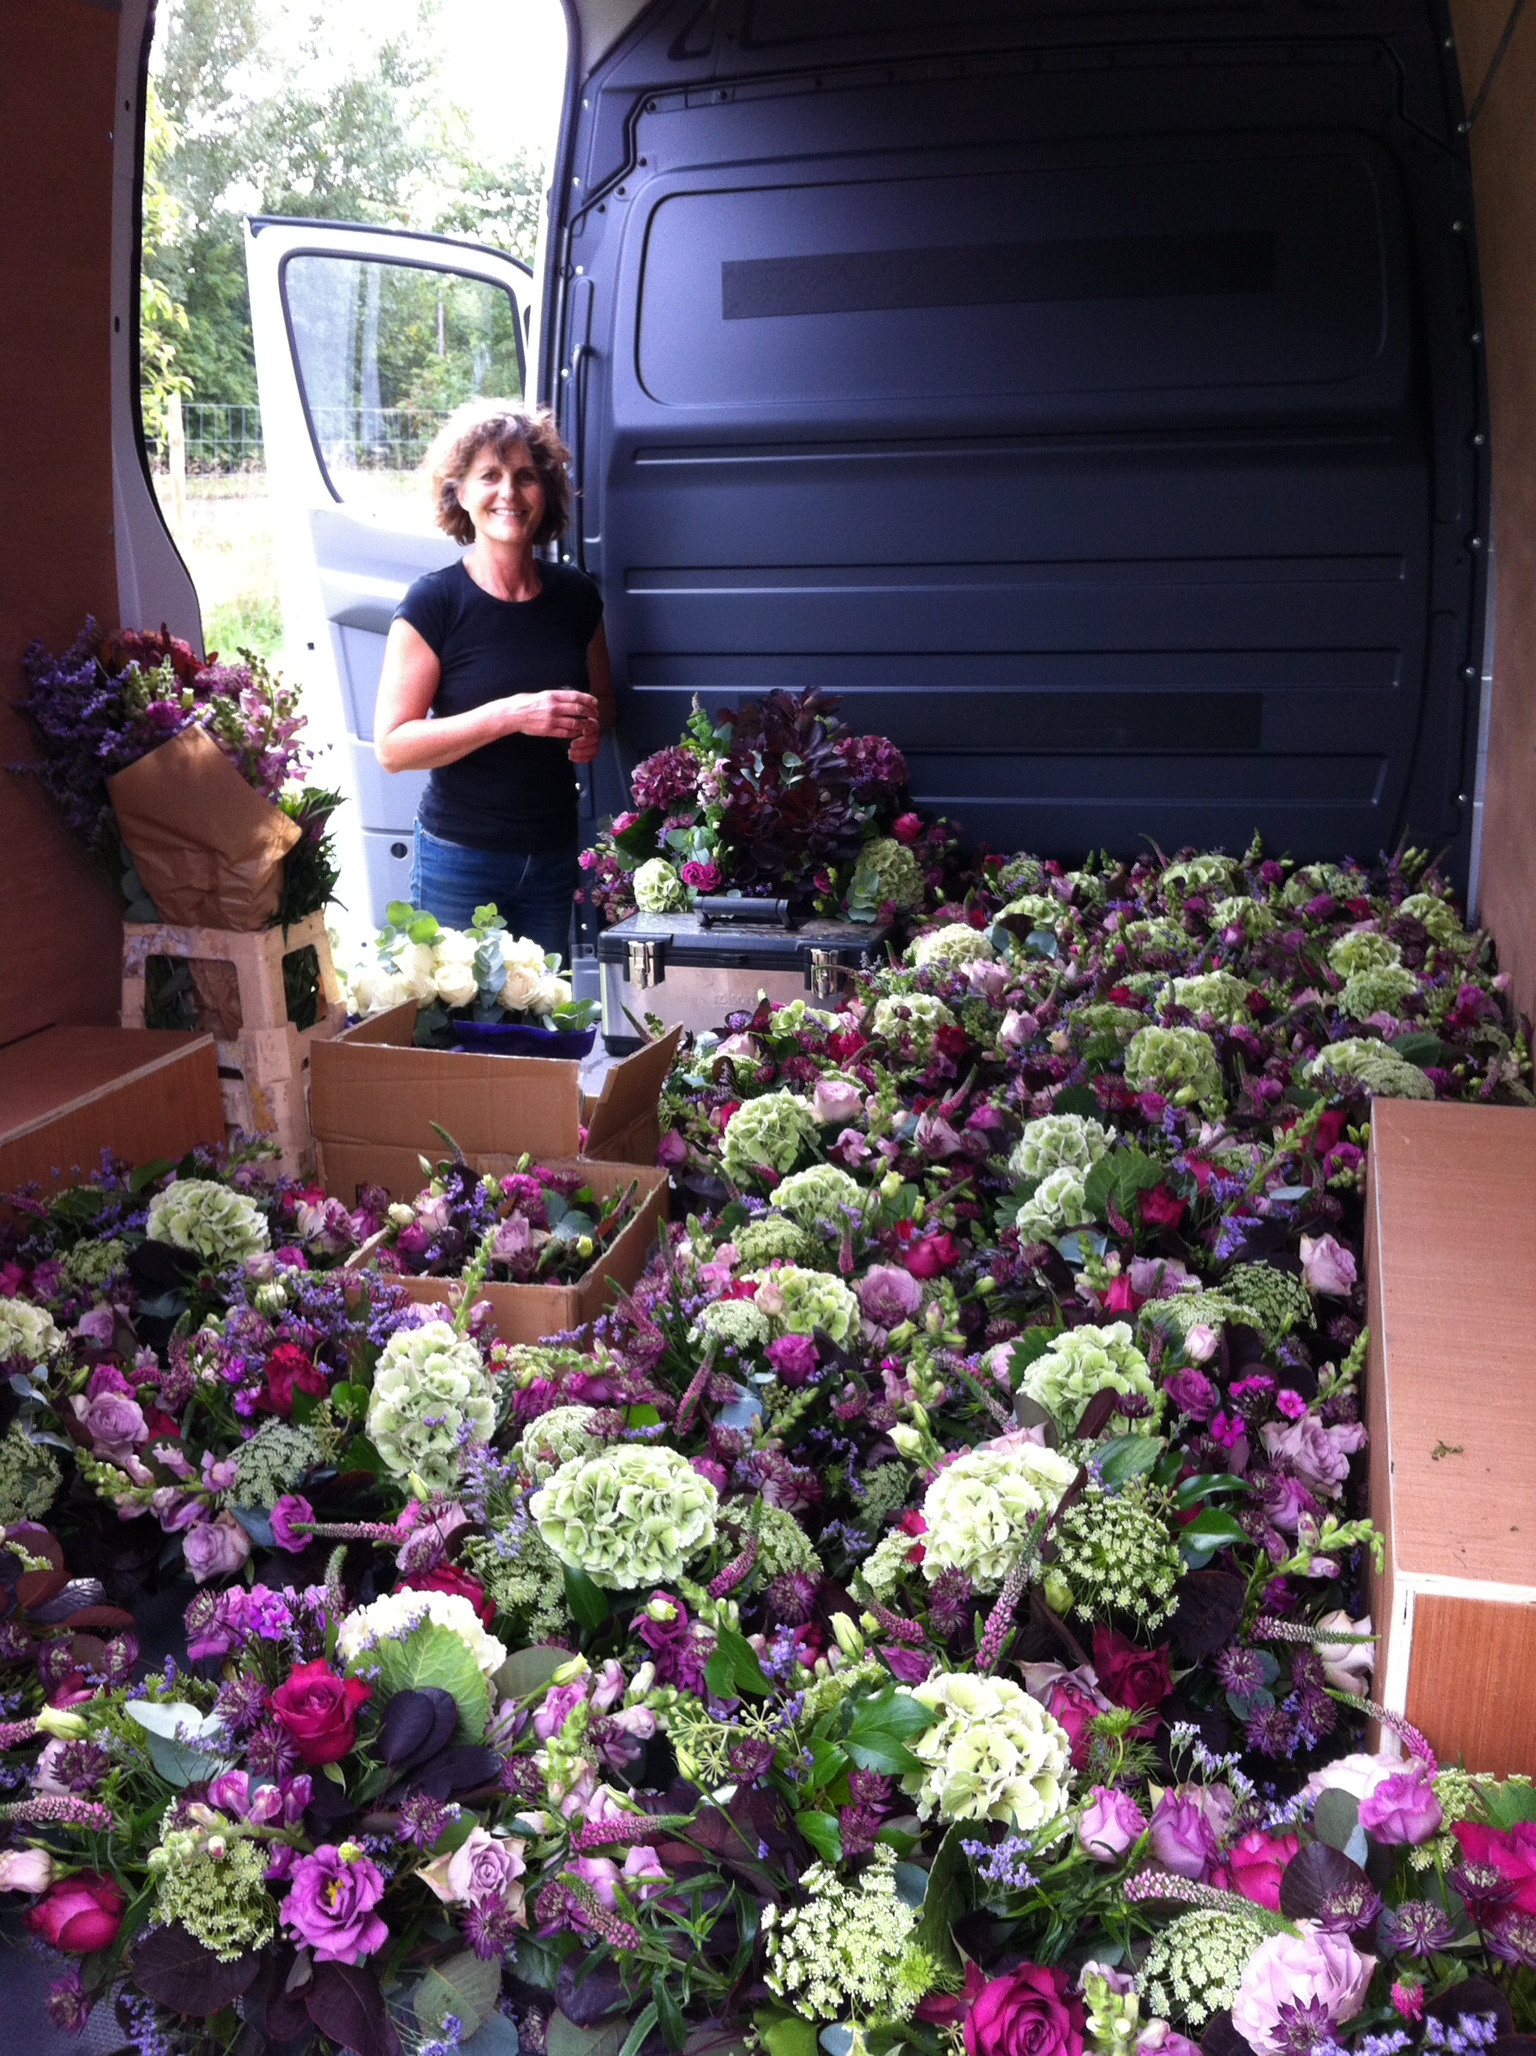 van of flowers CA.jpg